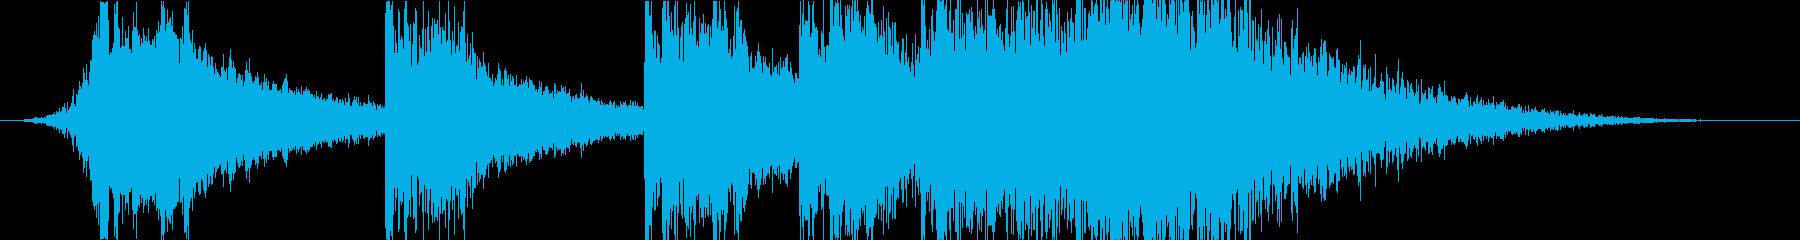 実験的な バトル 焦り 暗い ホラ...の再生済みの波形